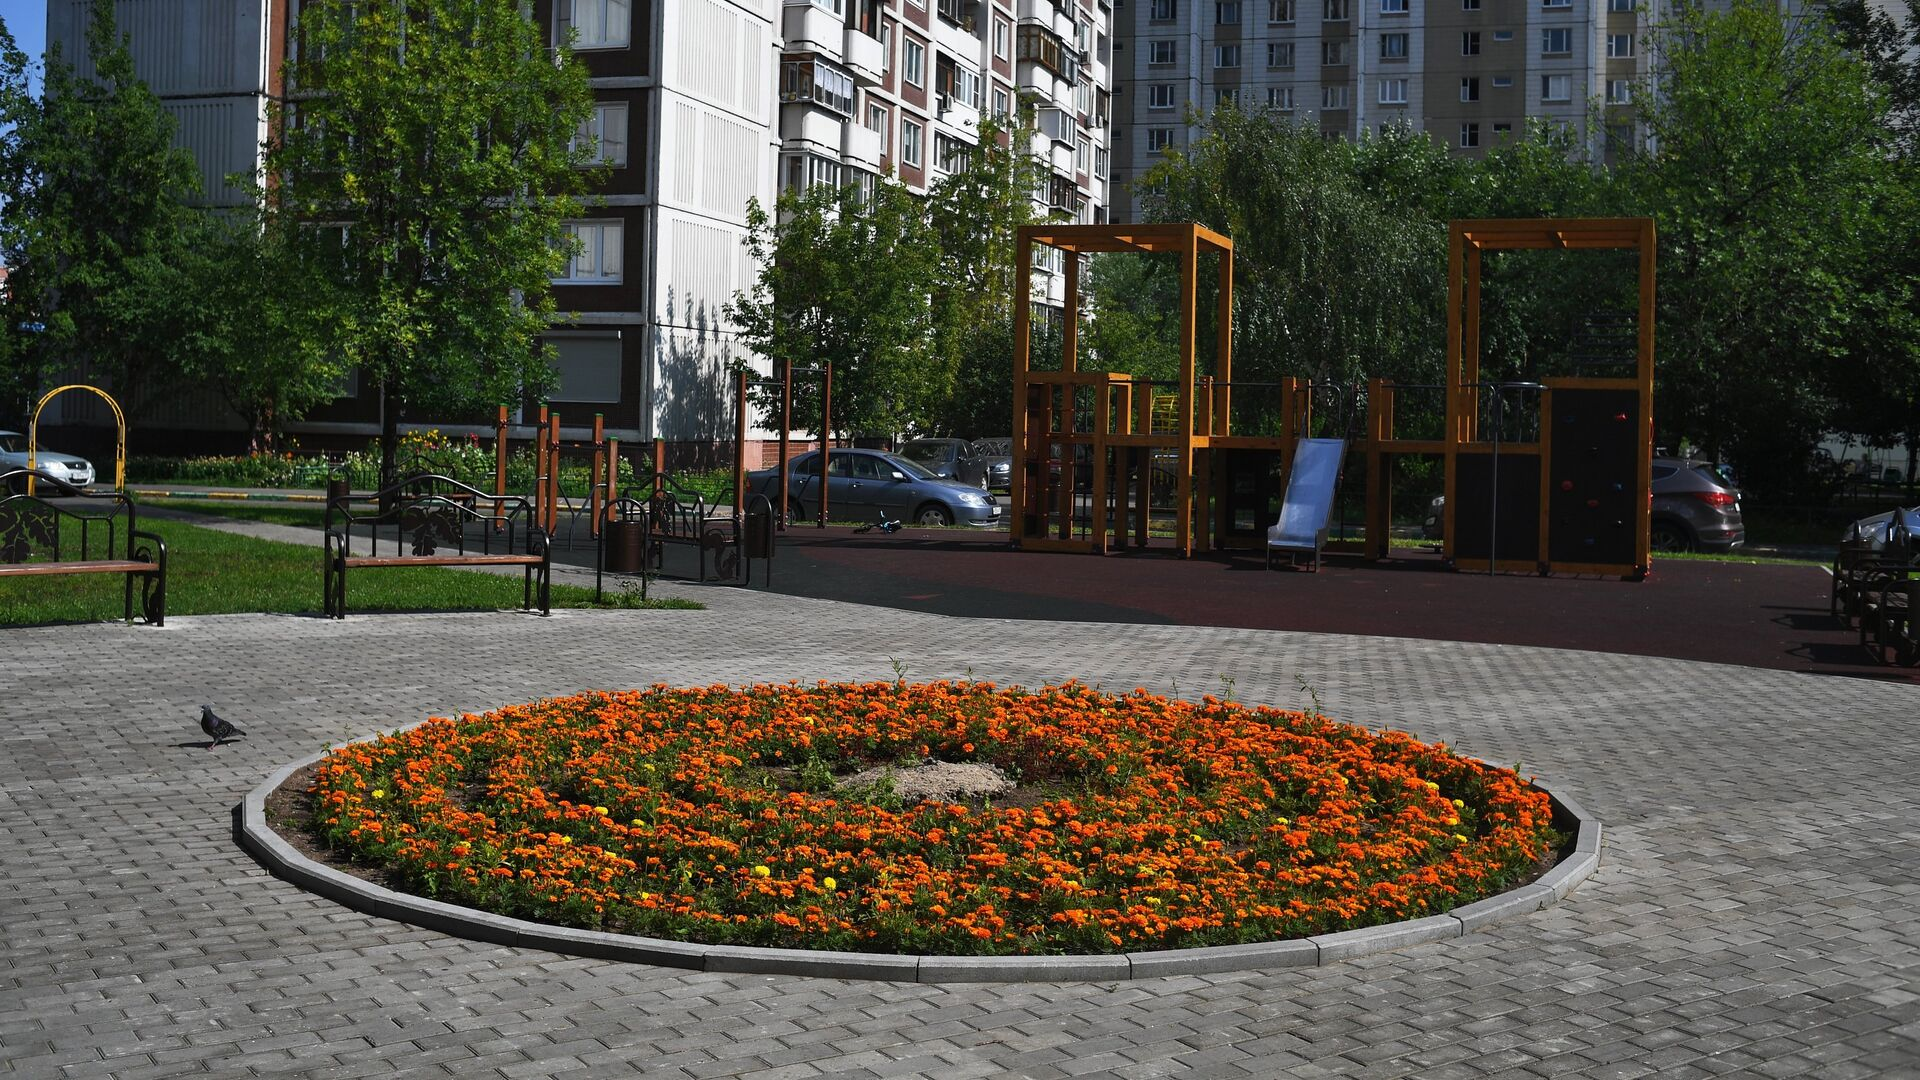 Детская игровая площадка и цветочная клумба во дворе дома в Москве - РИА Новости, 1920, 17.09.2021